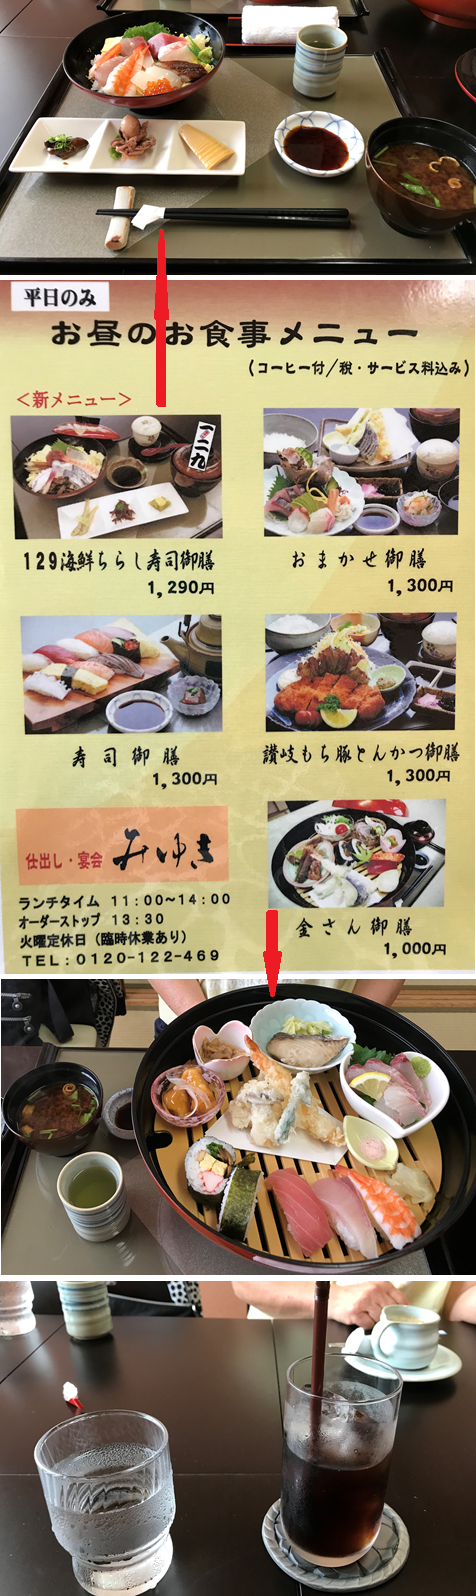 20170531みゆき